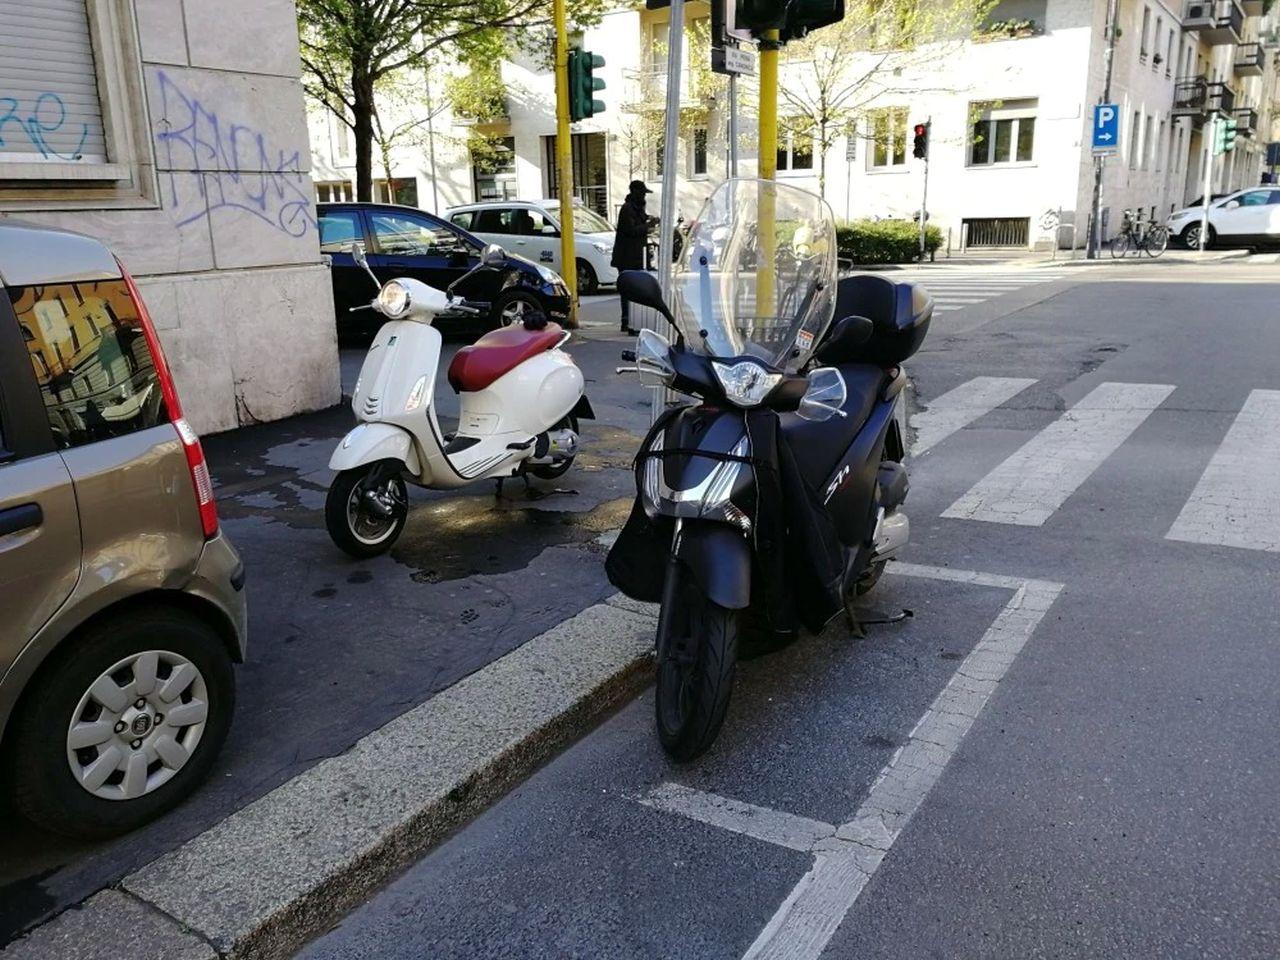 scooter parcheggiato negli appositi spazi